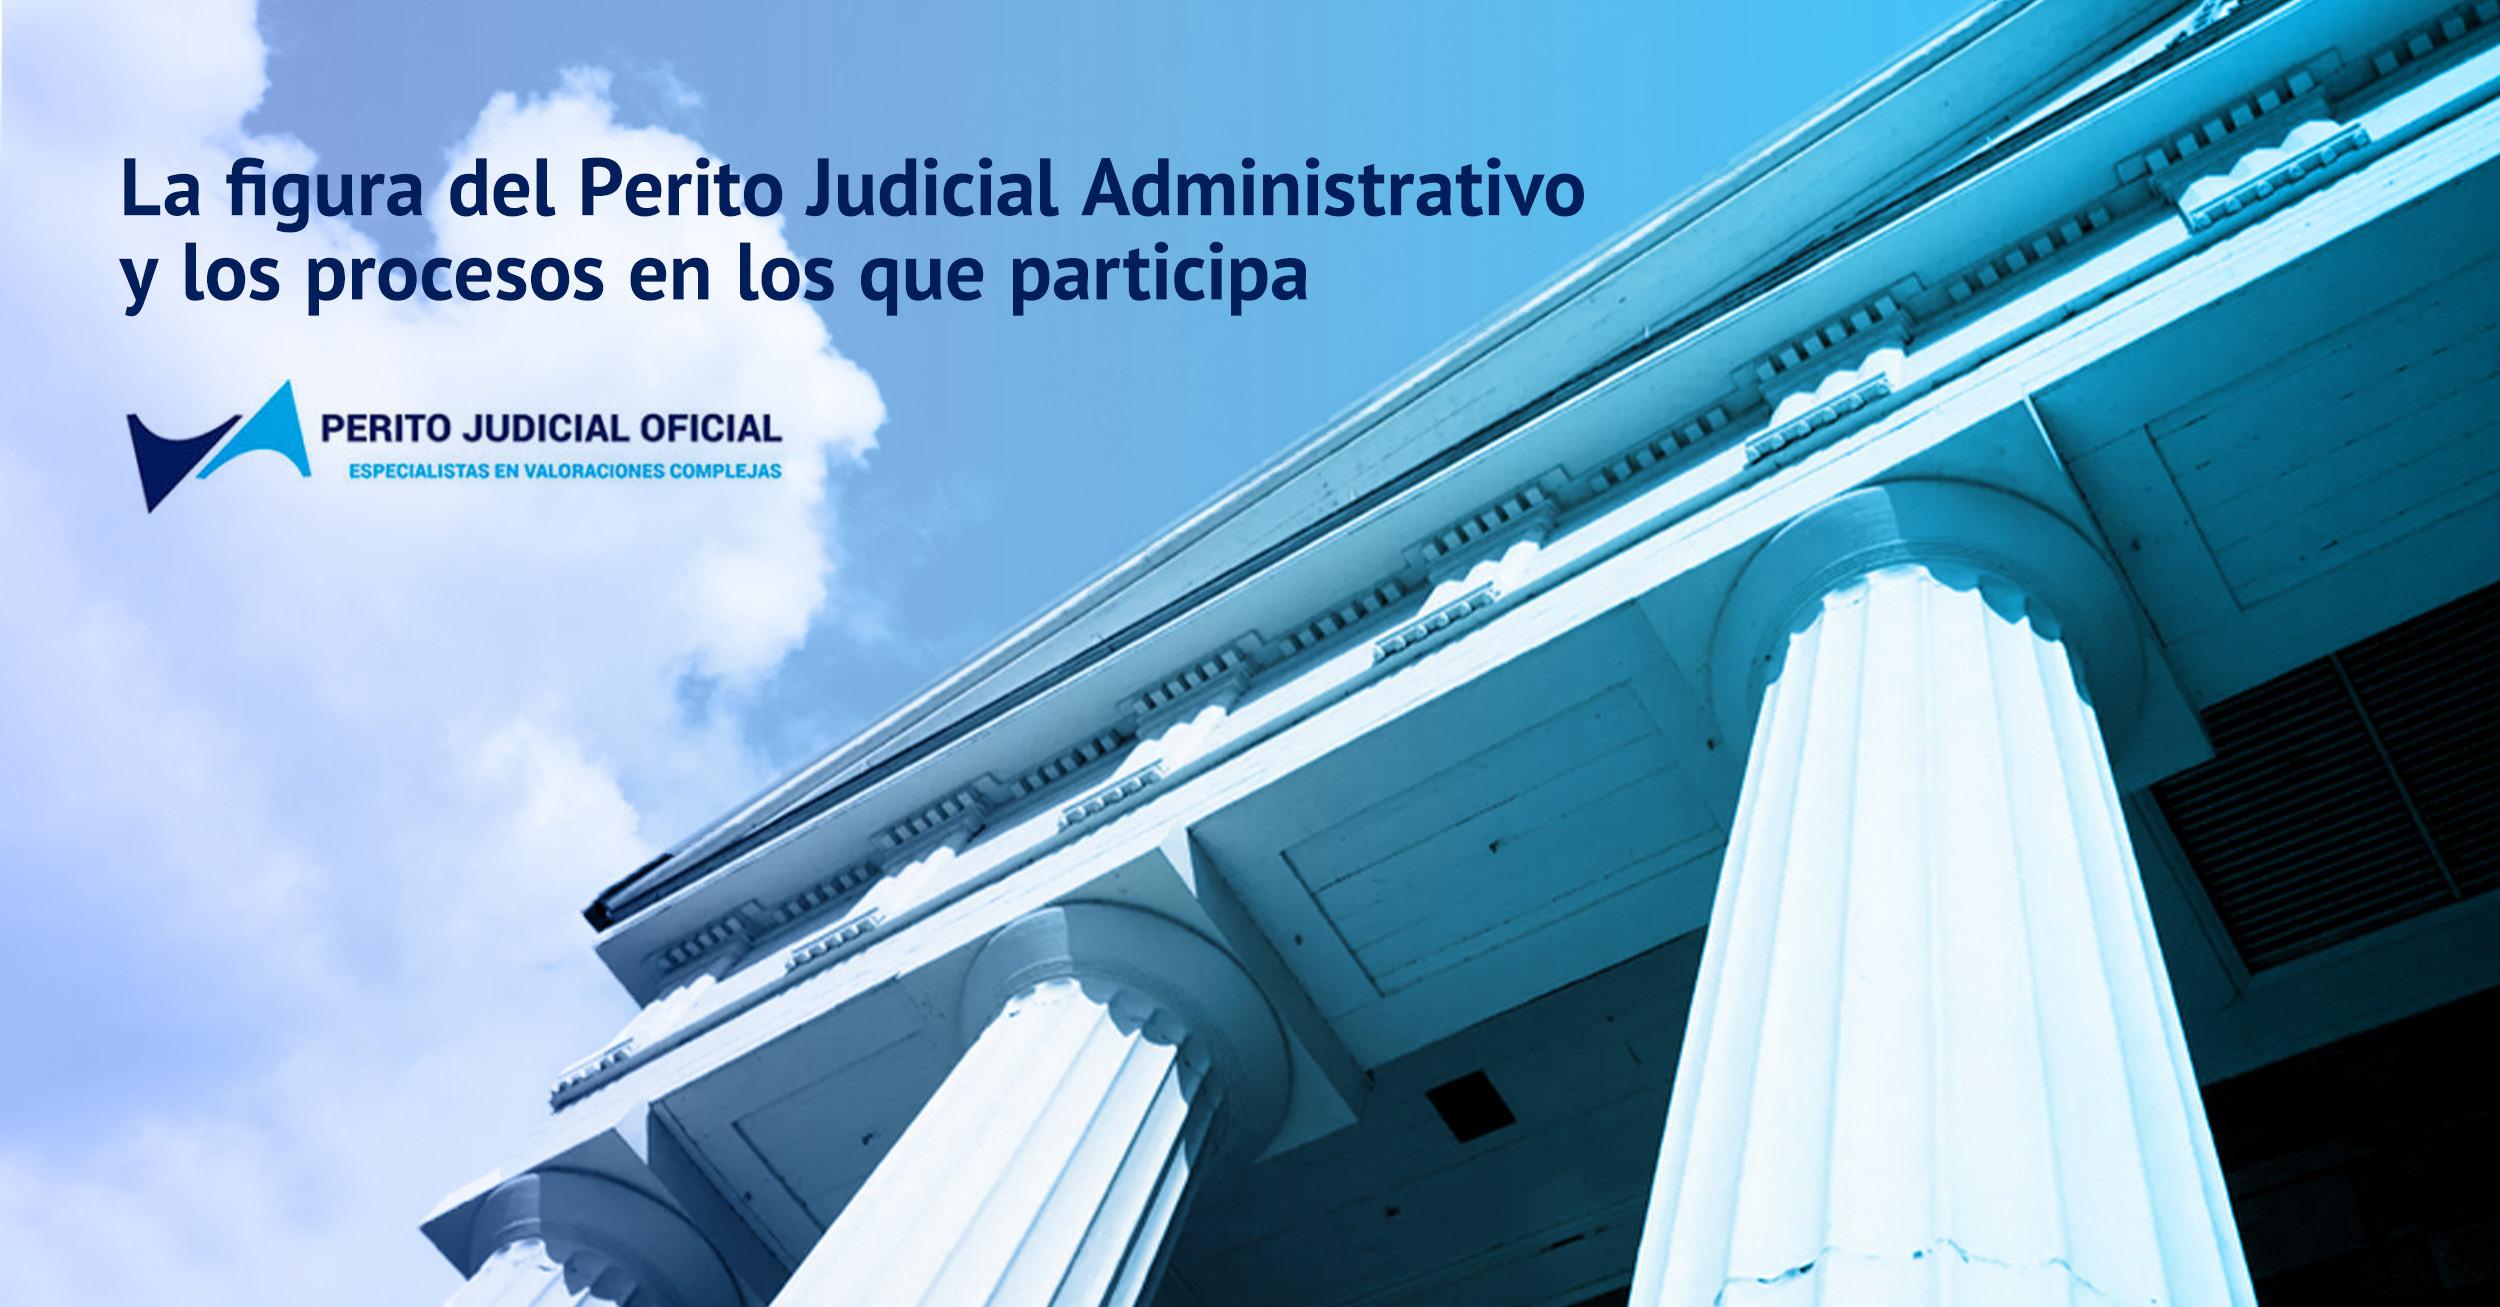 La figura del Perito Judicial Administrativo - Perito Judicial Oficial